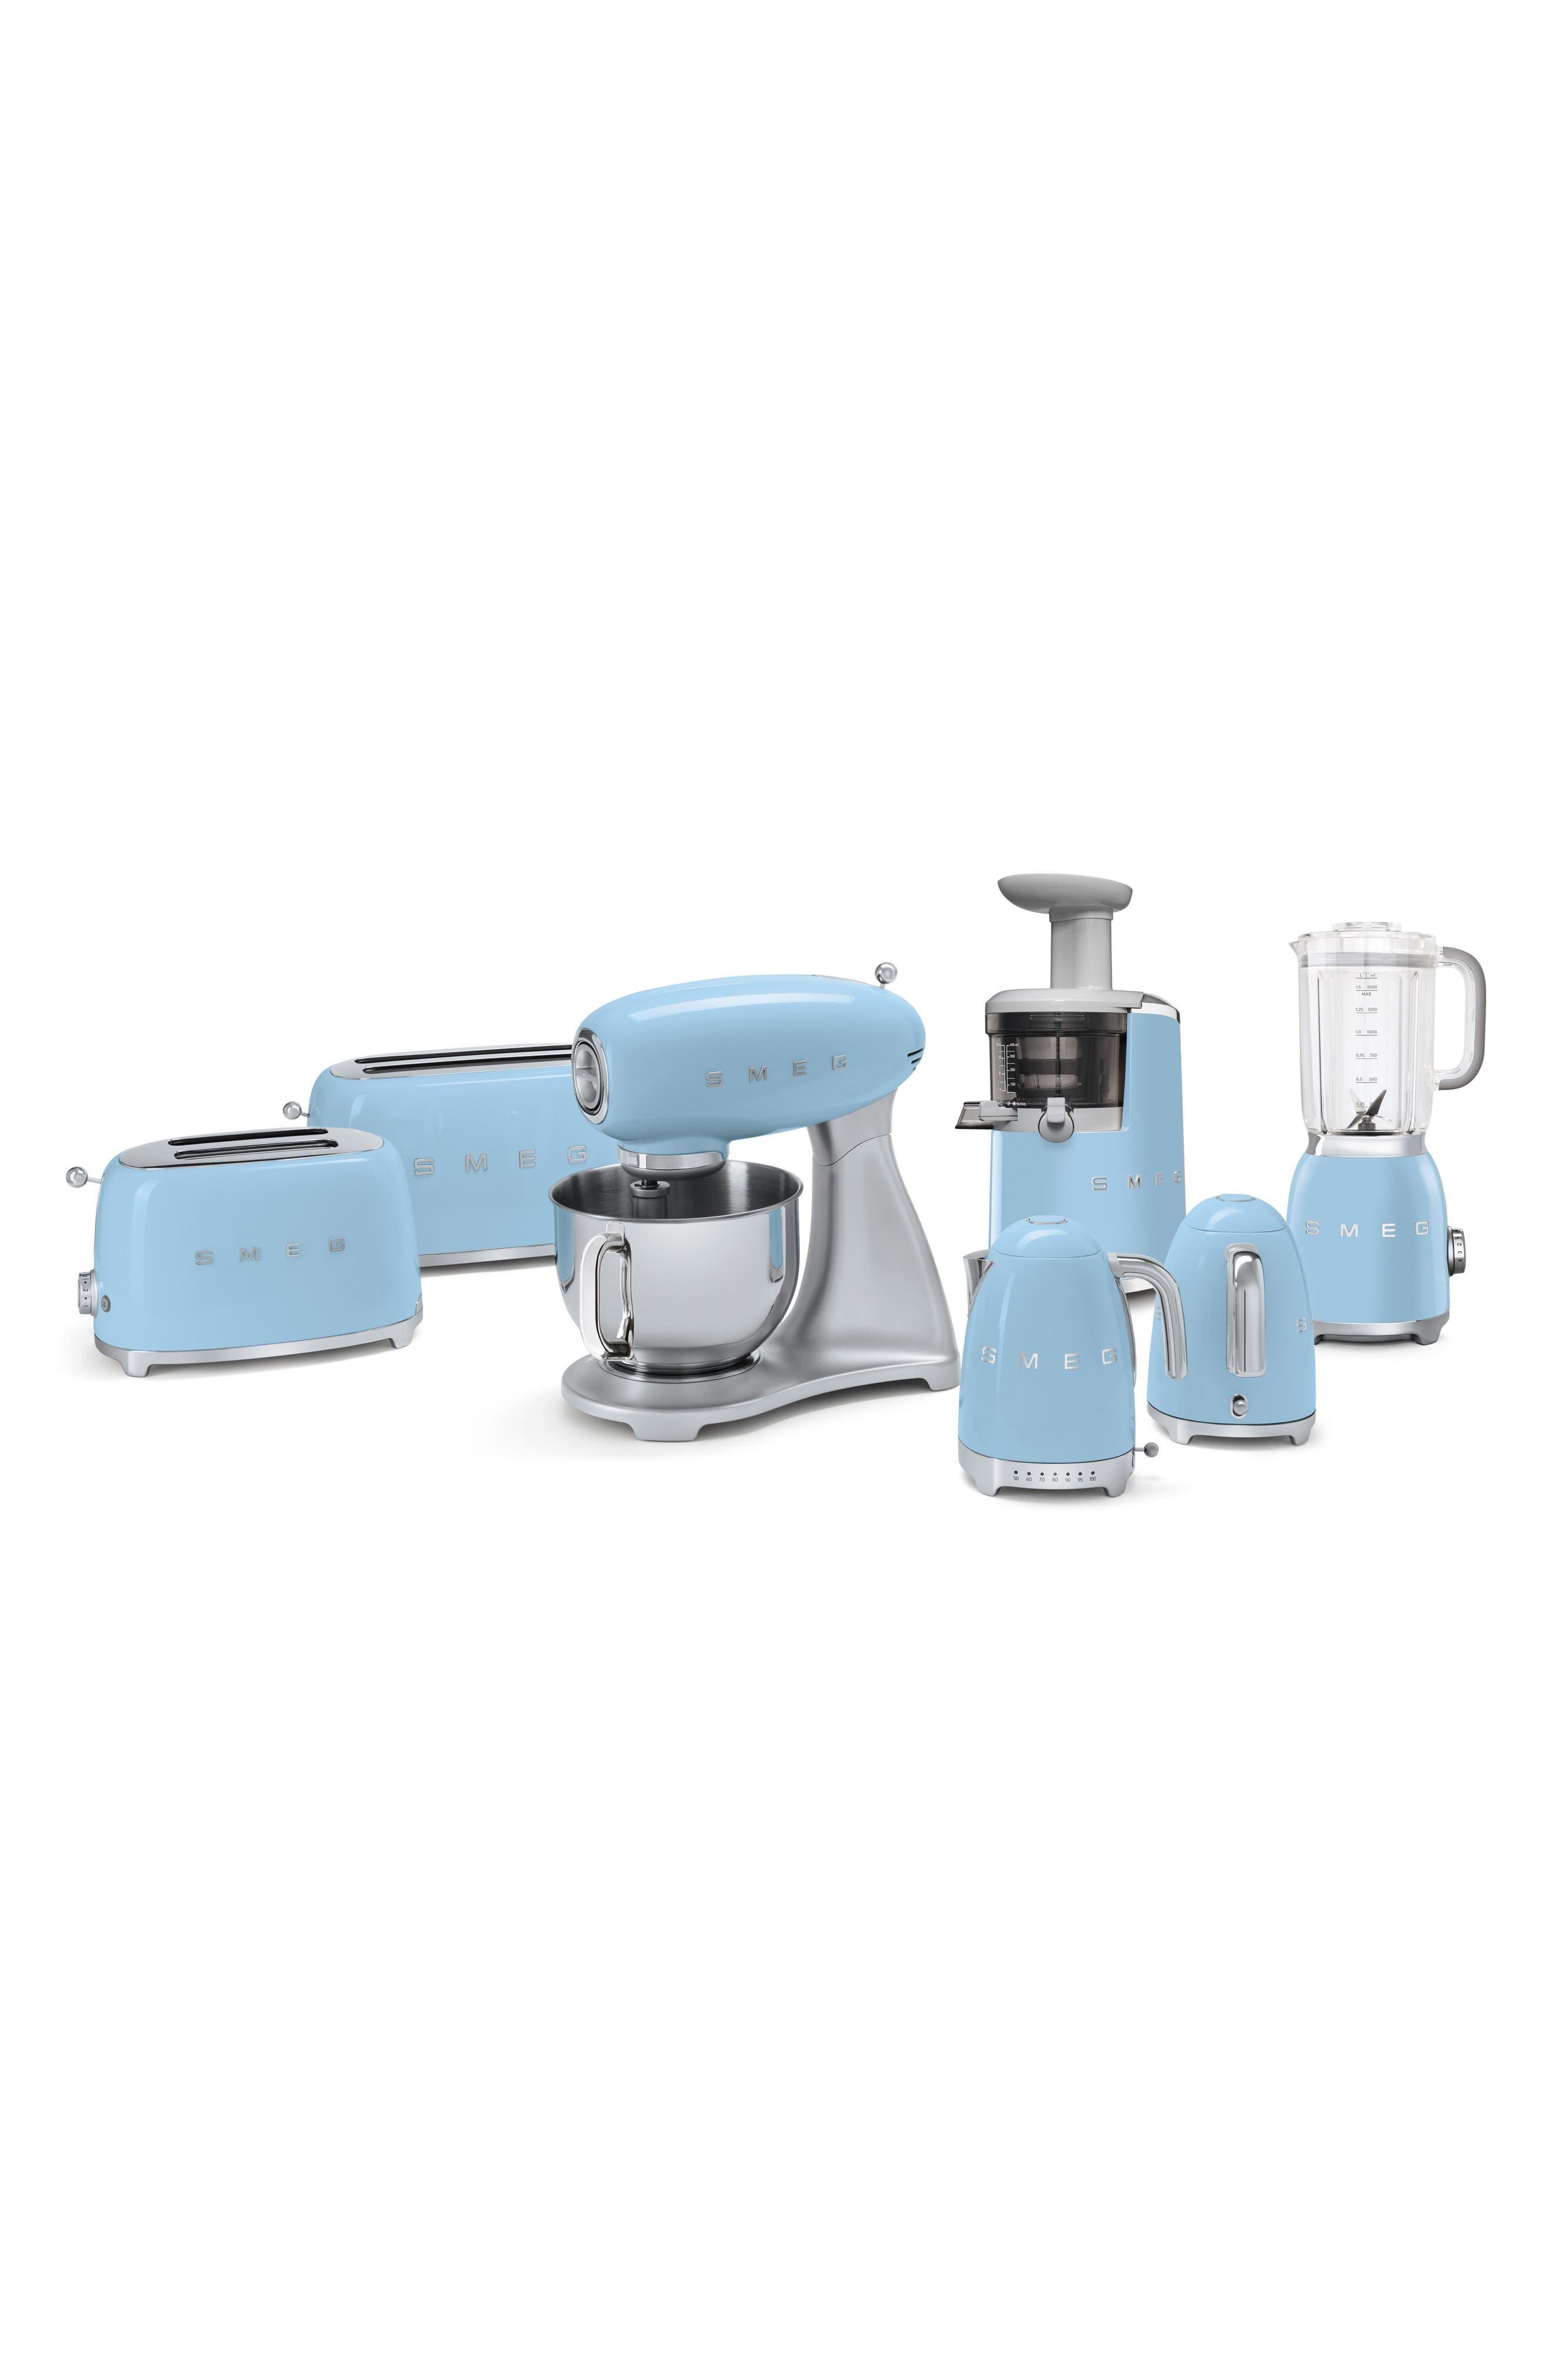 '50s Retro Style Five-Quart Stand Mixer,                             Alternate thumbnail 3, color,                             PASTEL BLUE